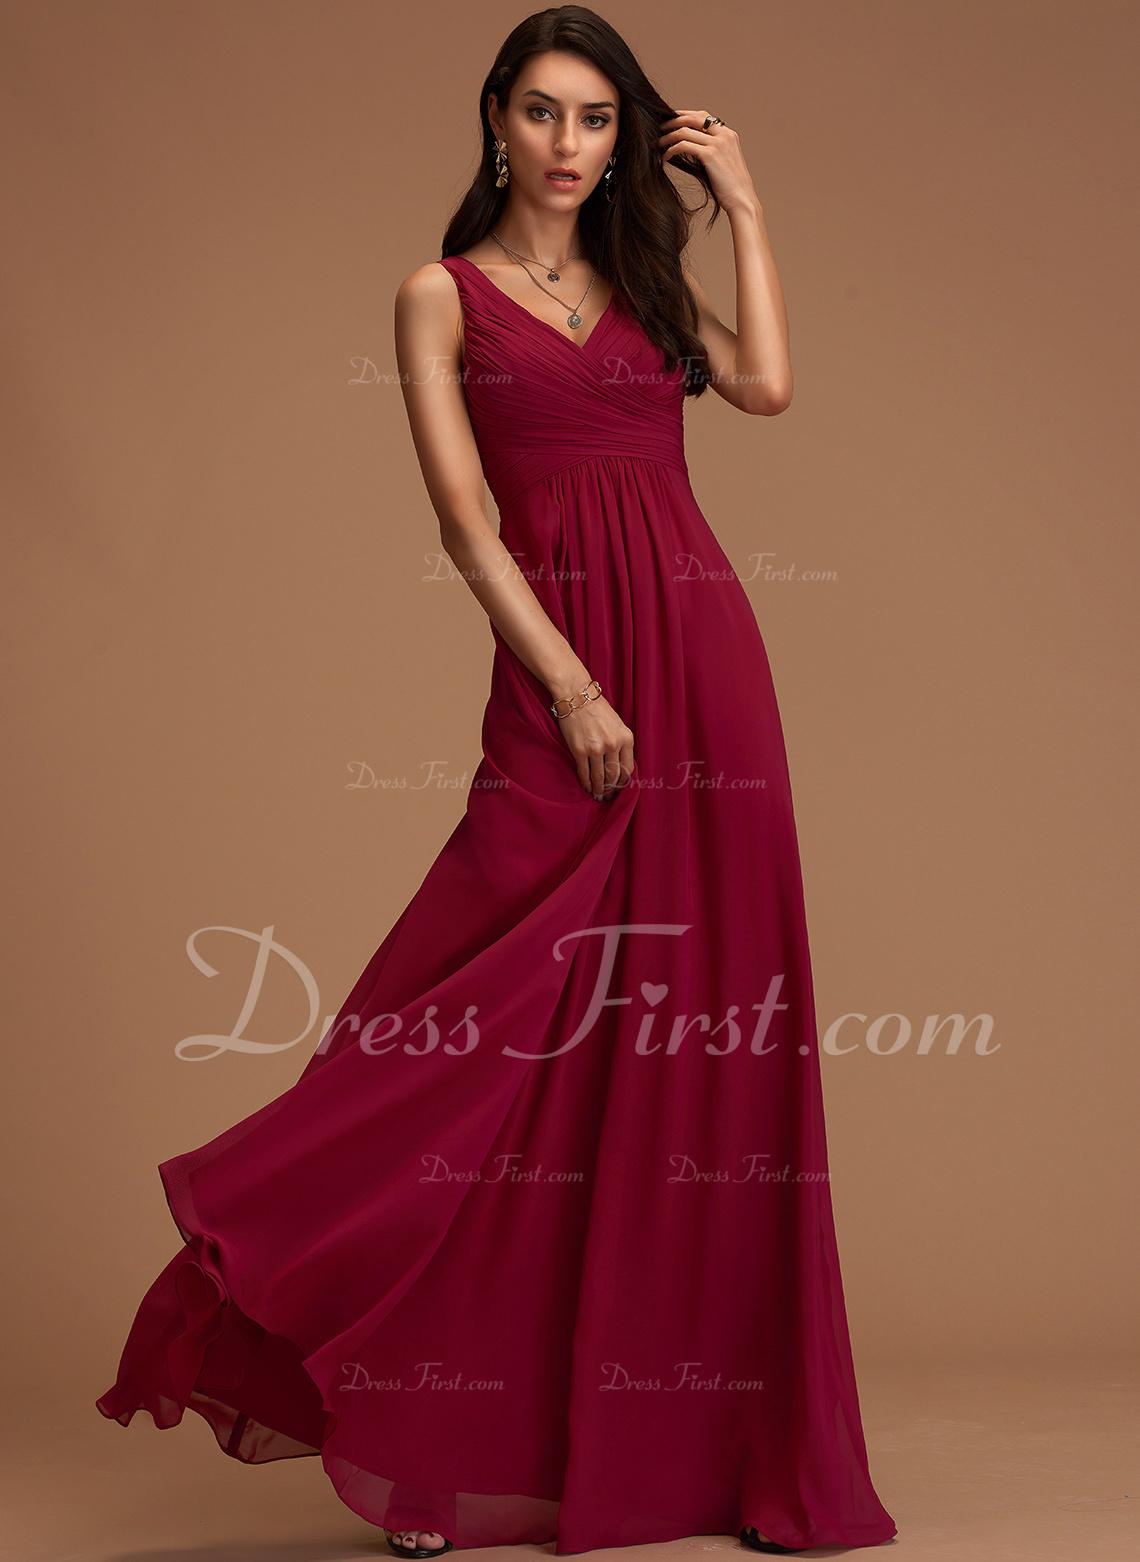 Kjole med A-linje V-hals Ærmeløs Maxi Romantisk Sexet Mode kjoler